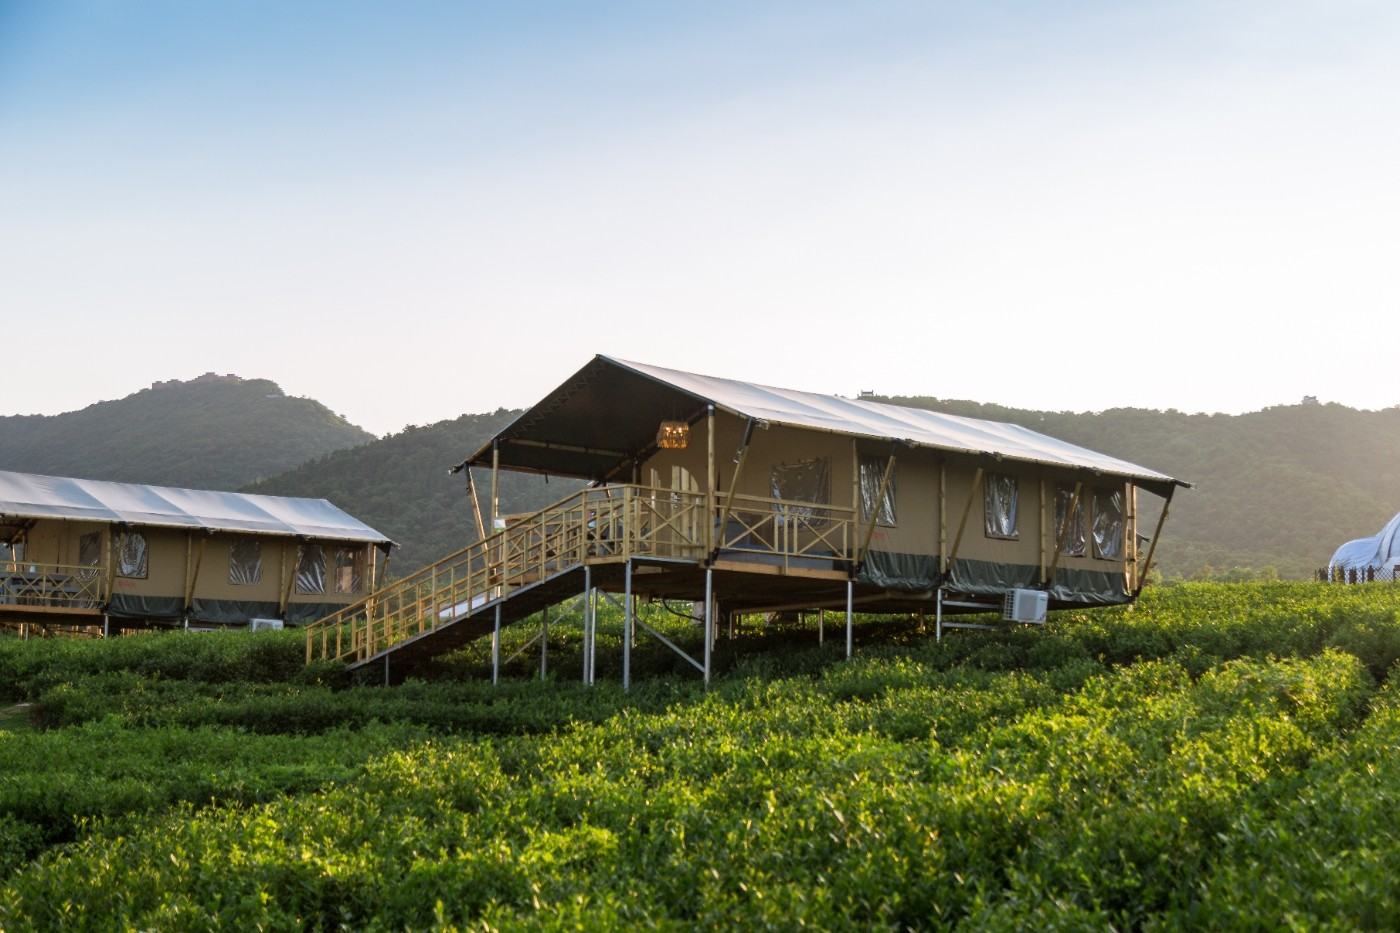 喜马拉雅野奢帐篷酒店—江苏常州茅山宝盛园茶园帐篷酒店7